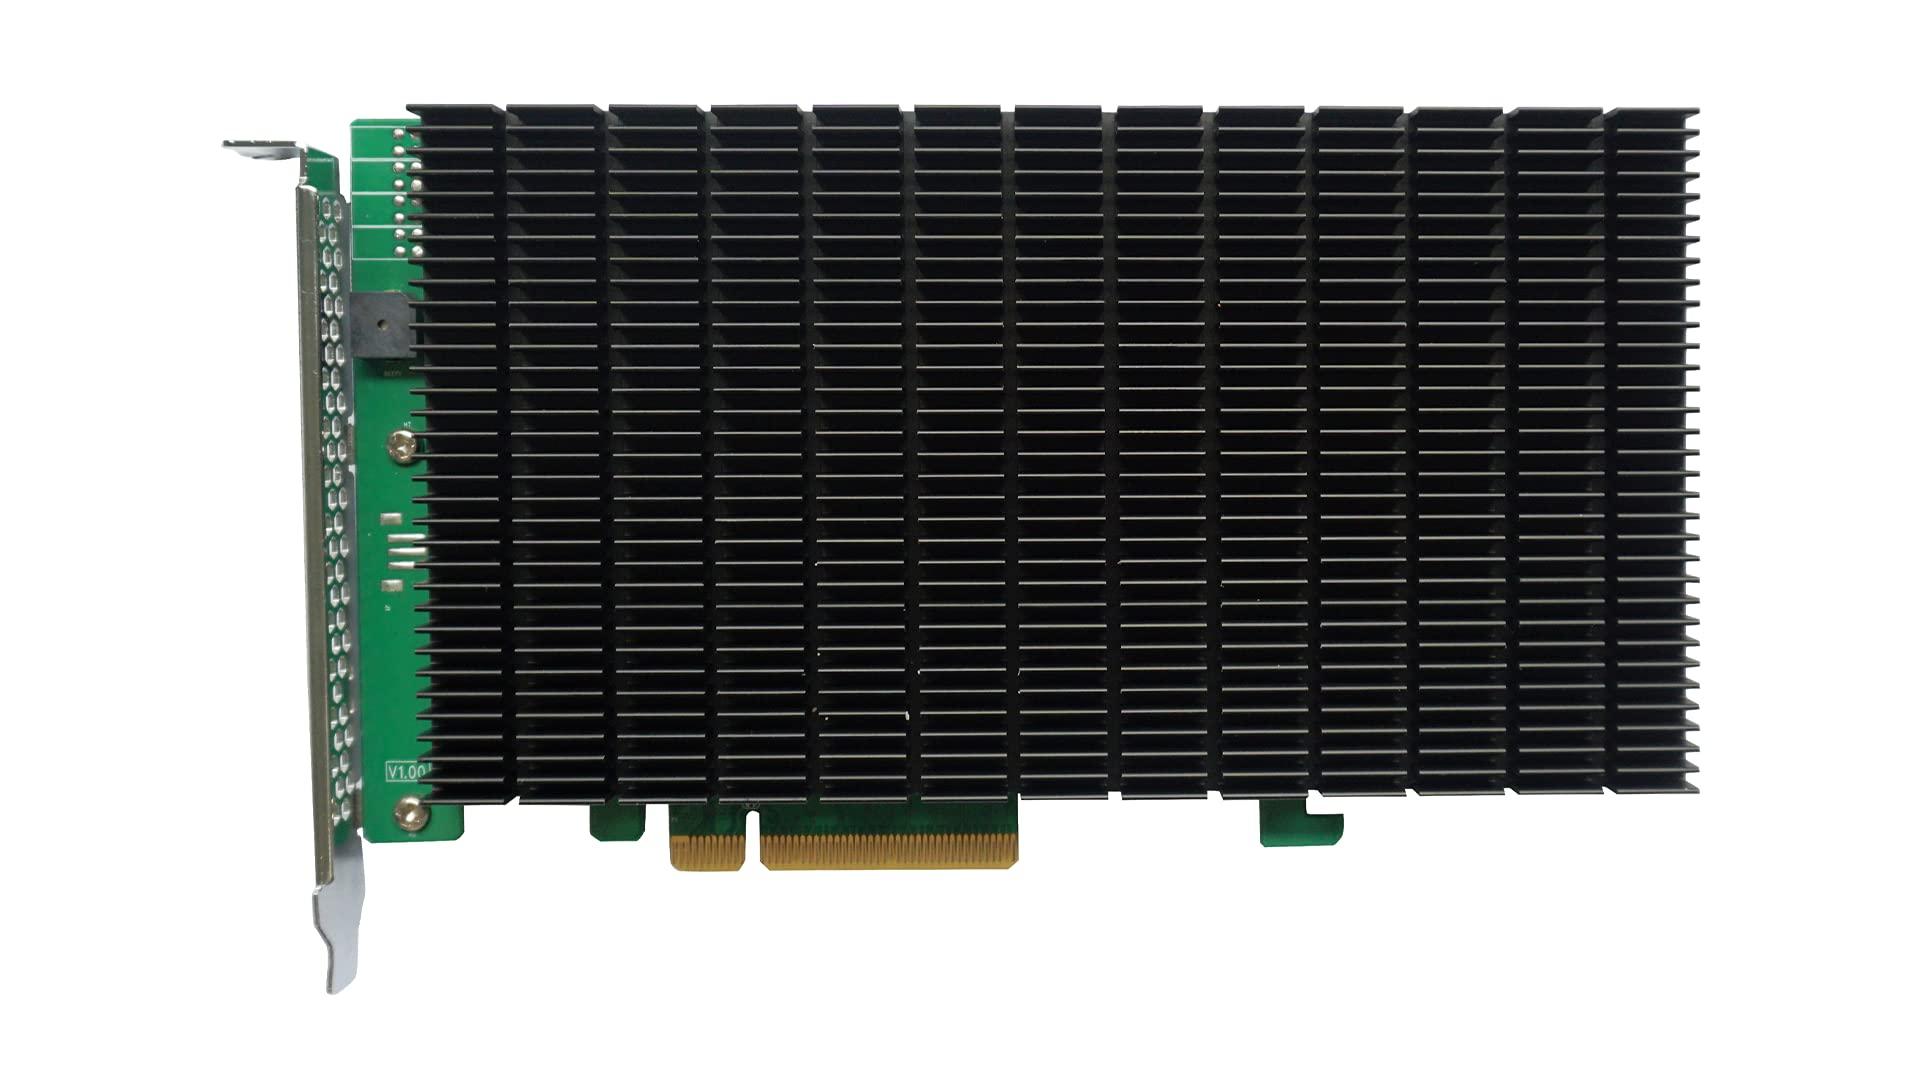 HighPoint Technologies Rocket 1104 4X M.2 PCIe Gen3 X8 NVMe